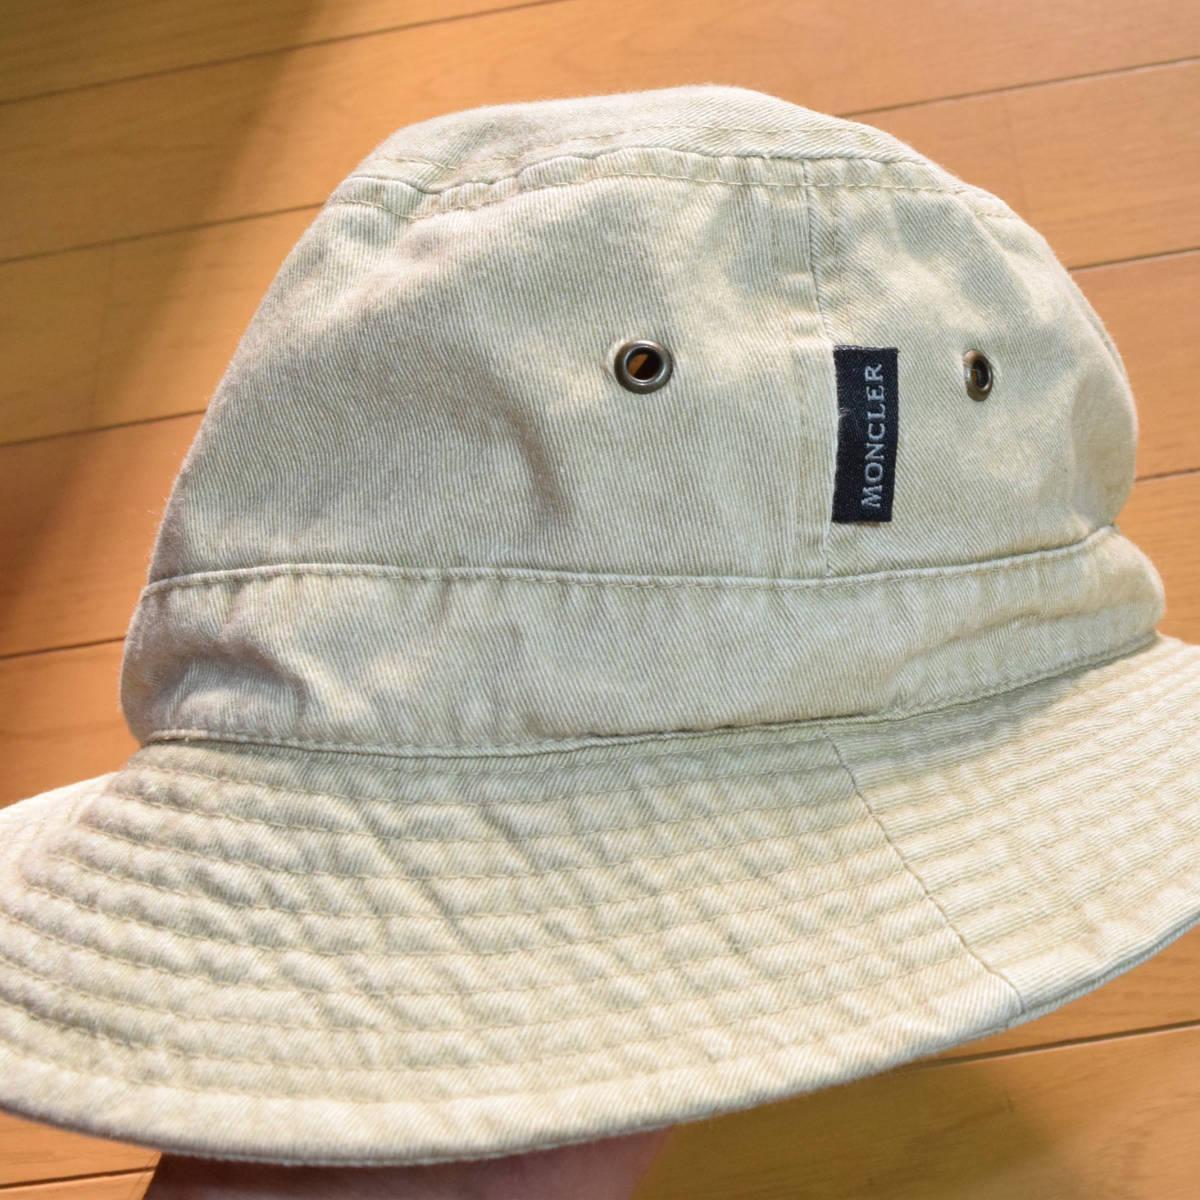 正規品◆送料無料◆春夏◆美品◆希少◆MONCLER モンクレール◆バケットハット・帽子◆アウトドア・登山_画像8